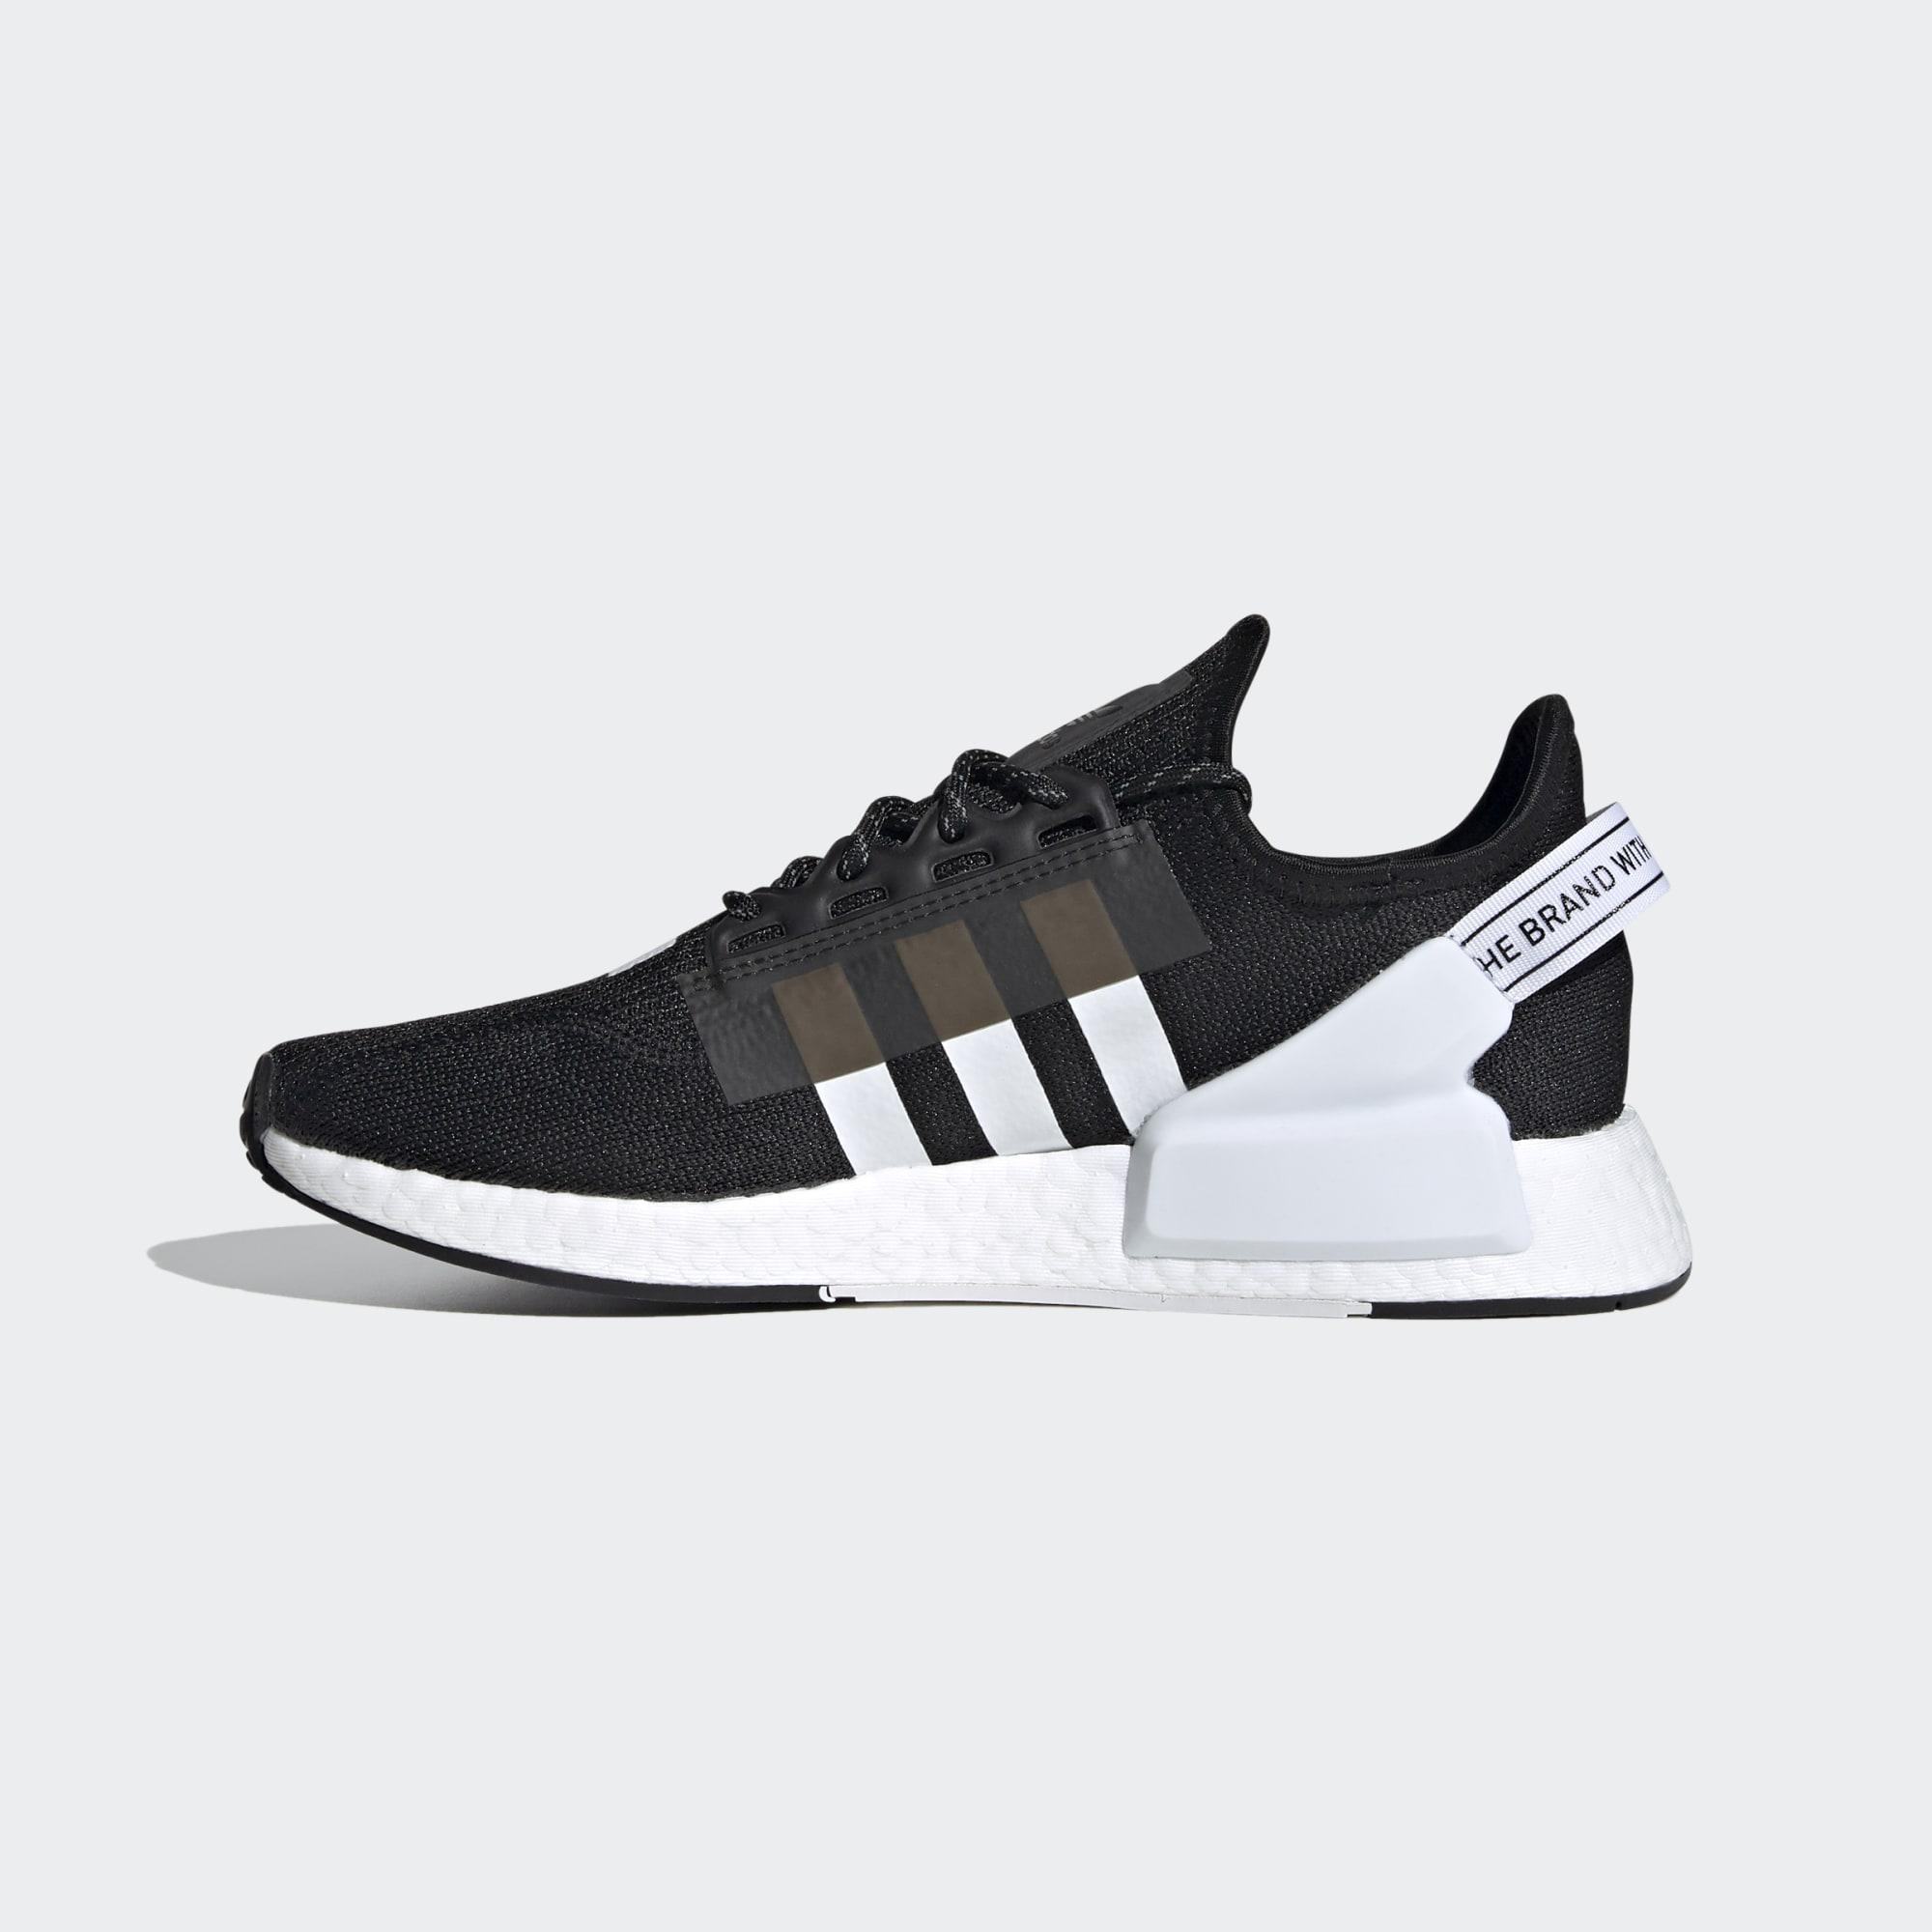 NMD_R1_V2_Shoes_Black_FV9021_06_standard.jpg